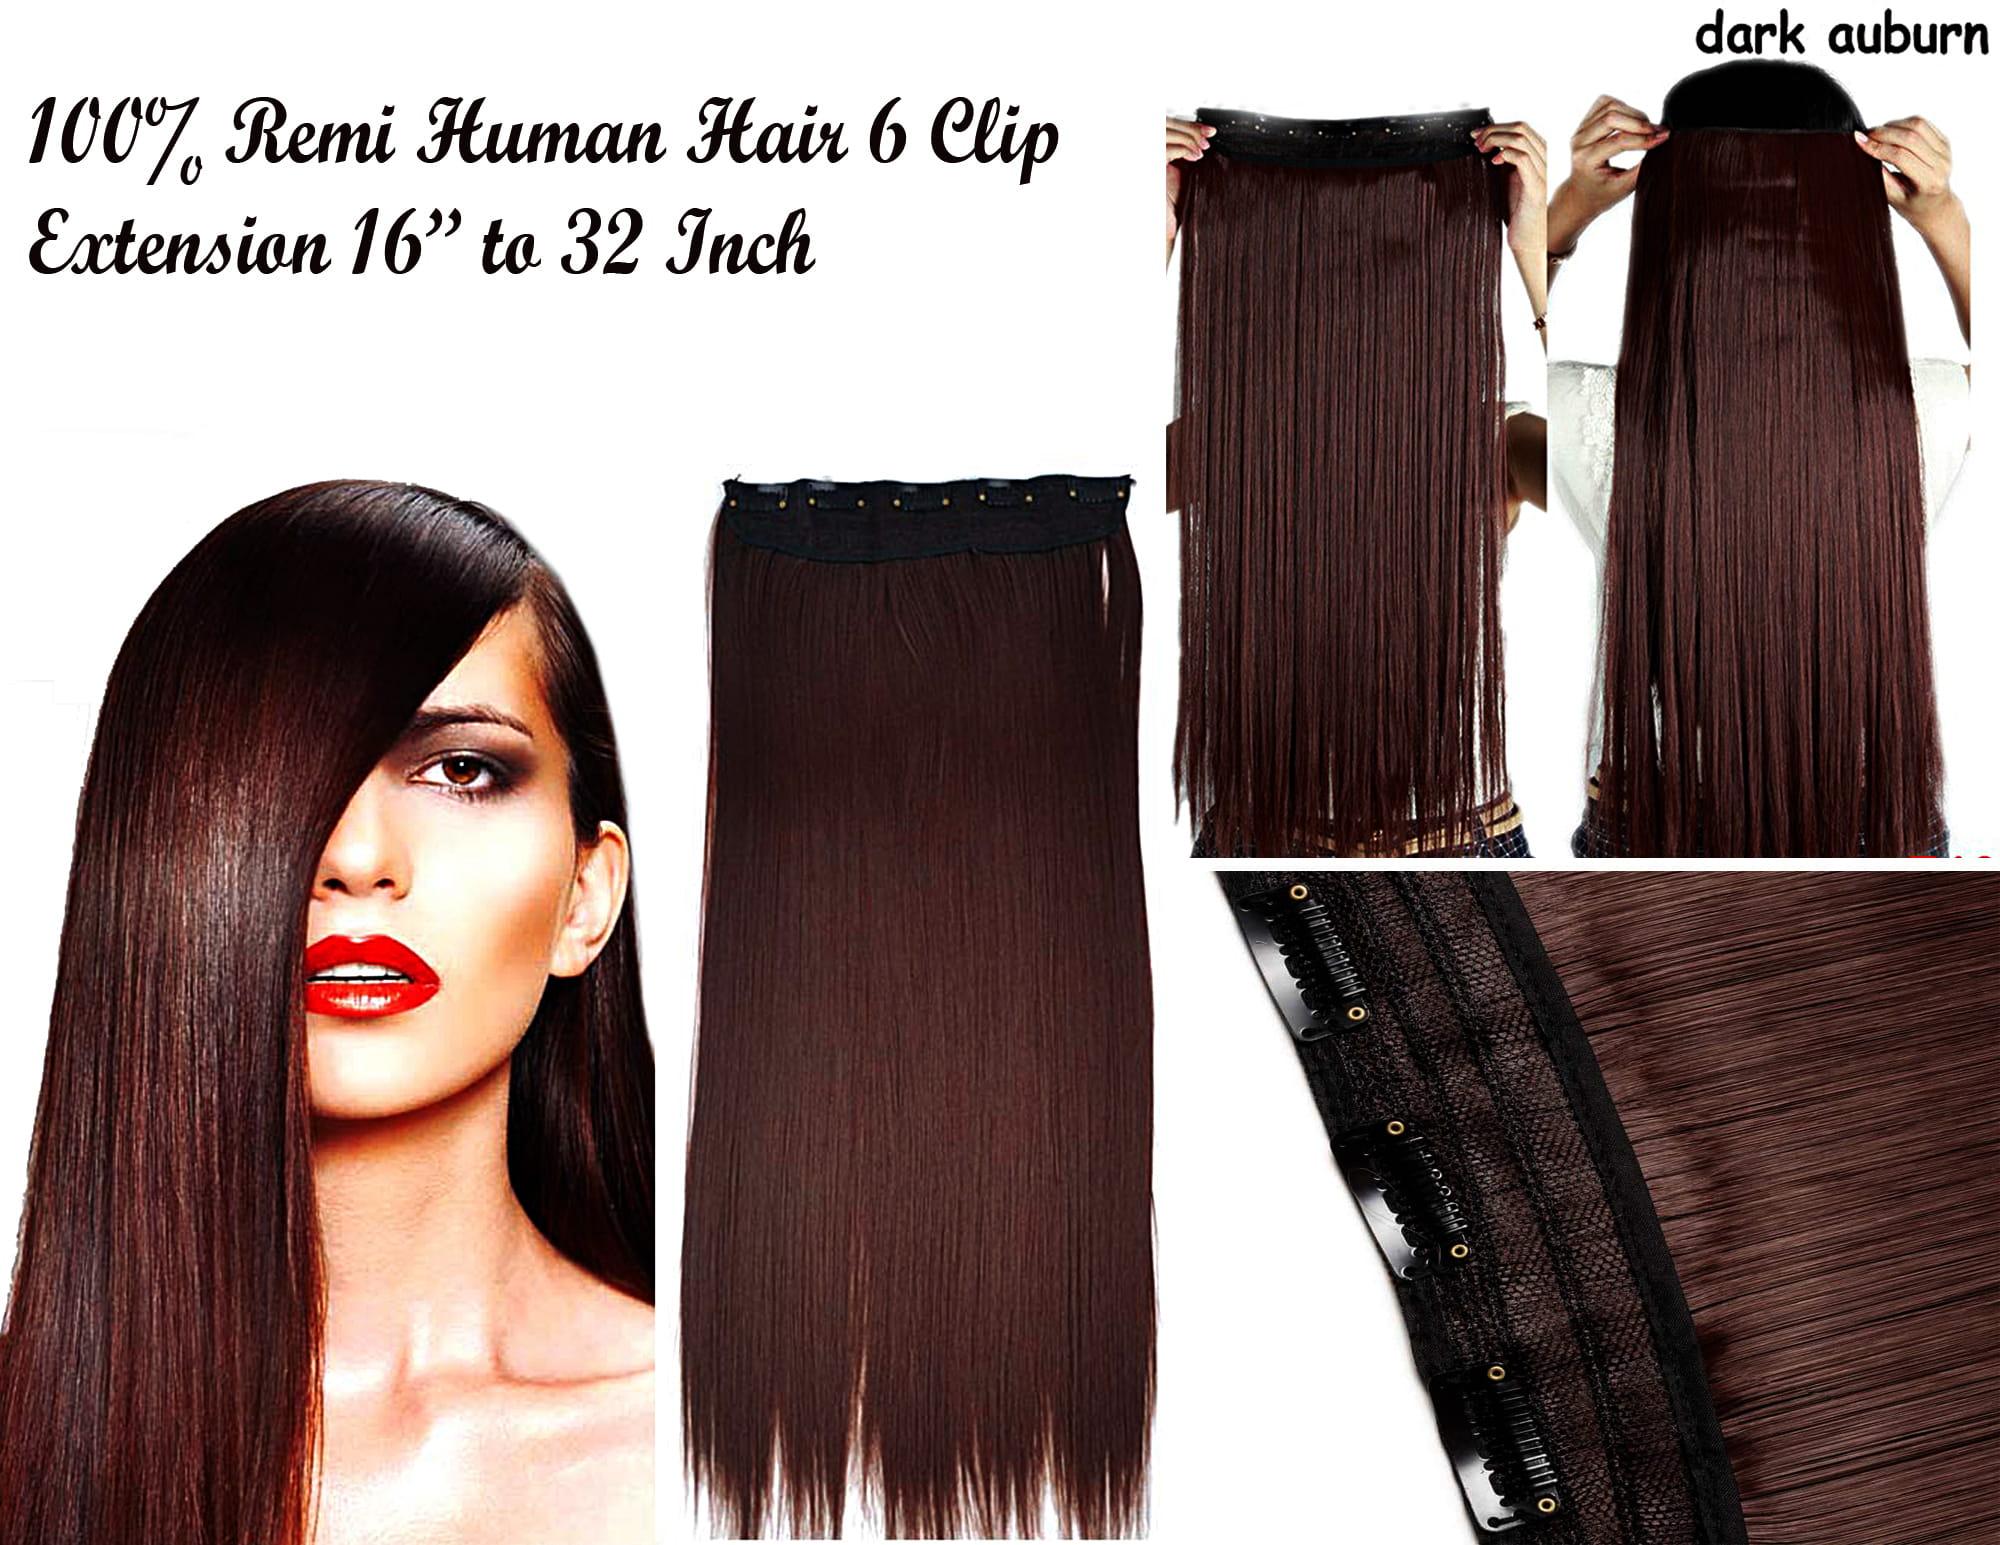 Ritzkart 6 Clip Fine Quality Remi 32 Inch Dark Auburn Human Soft